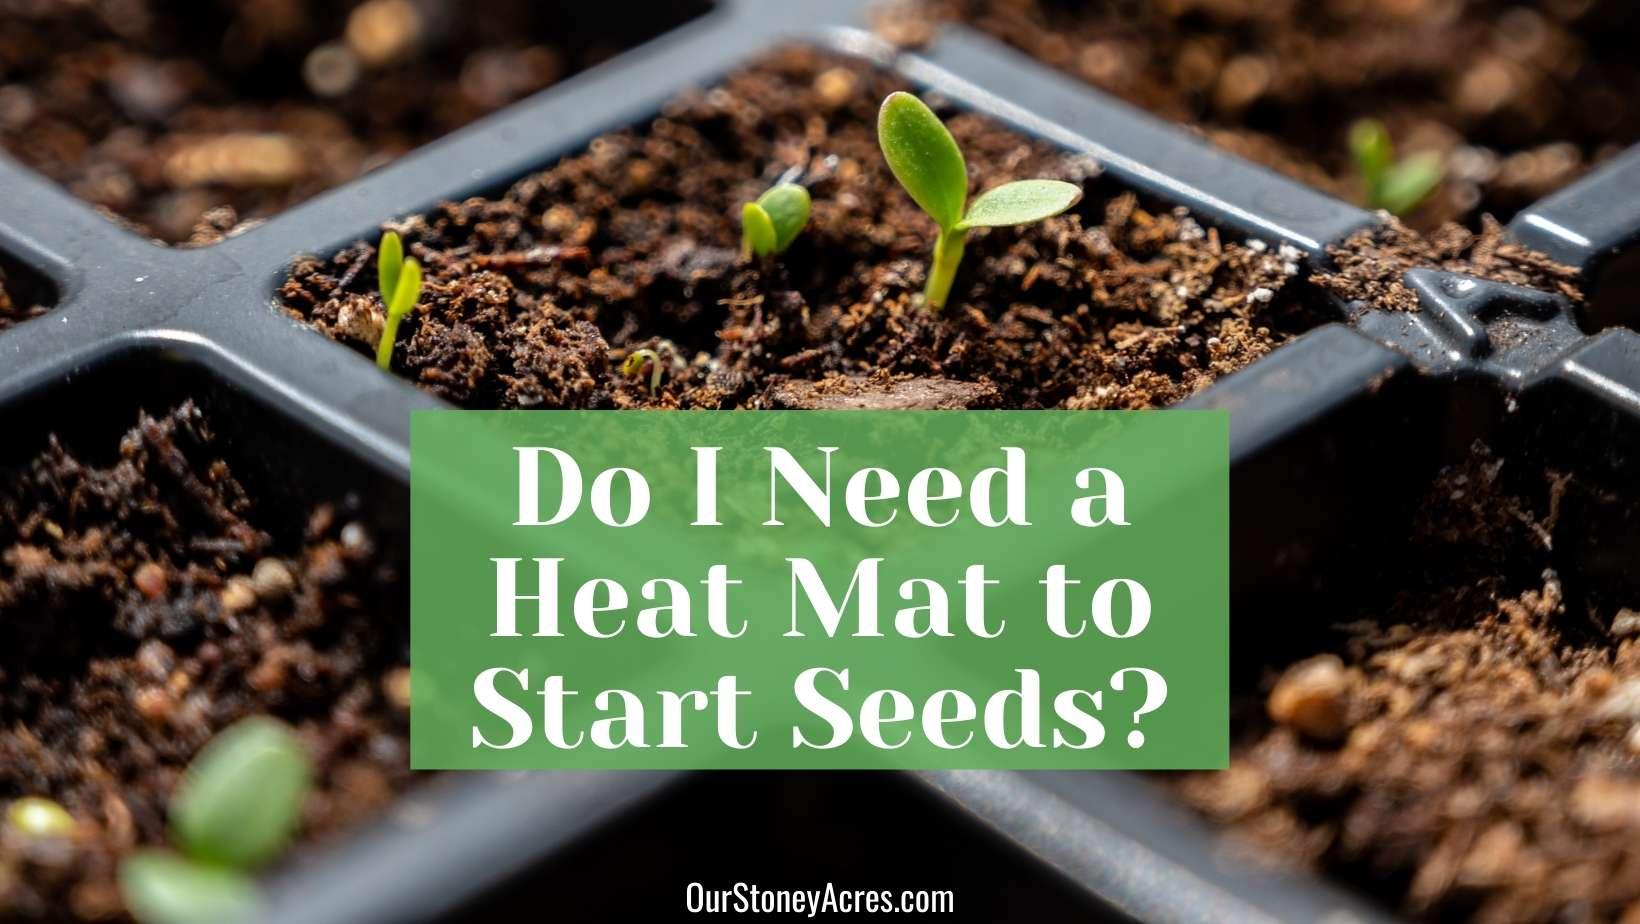 Heat Mat for Starting Seedlings